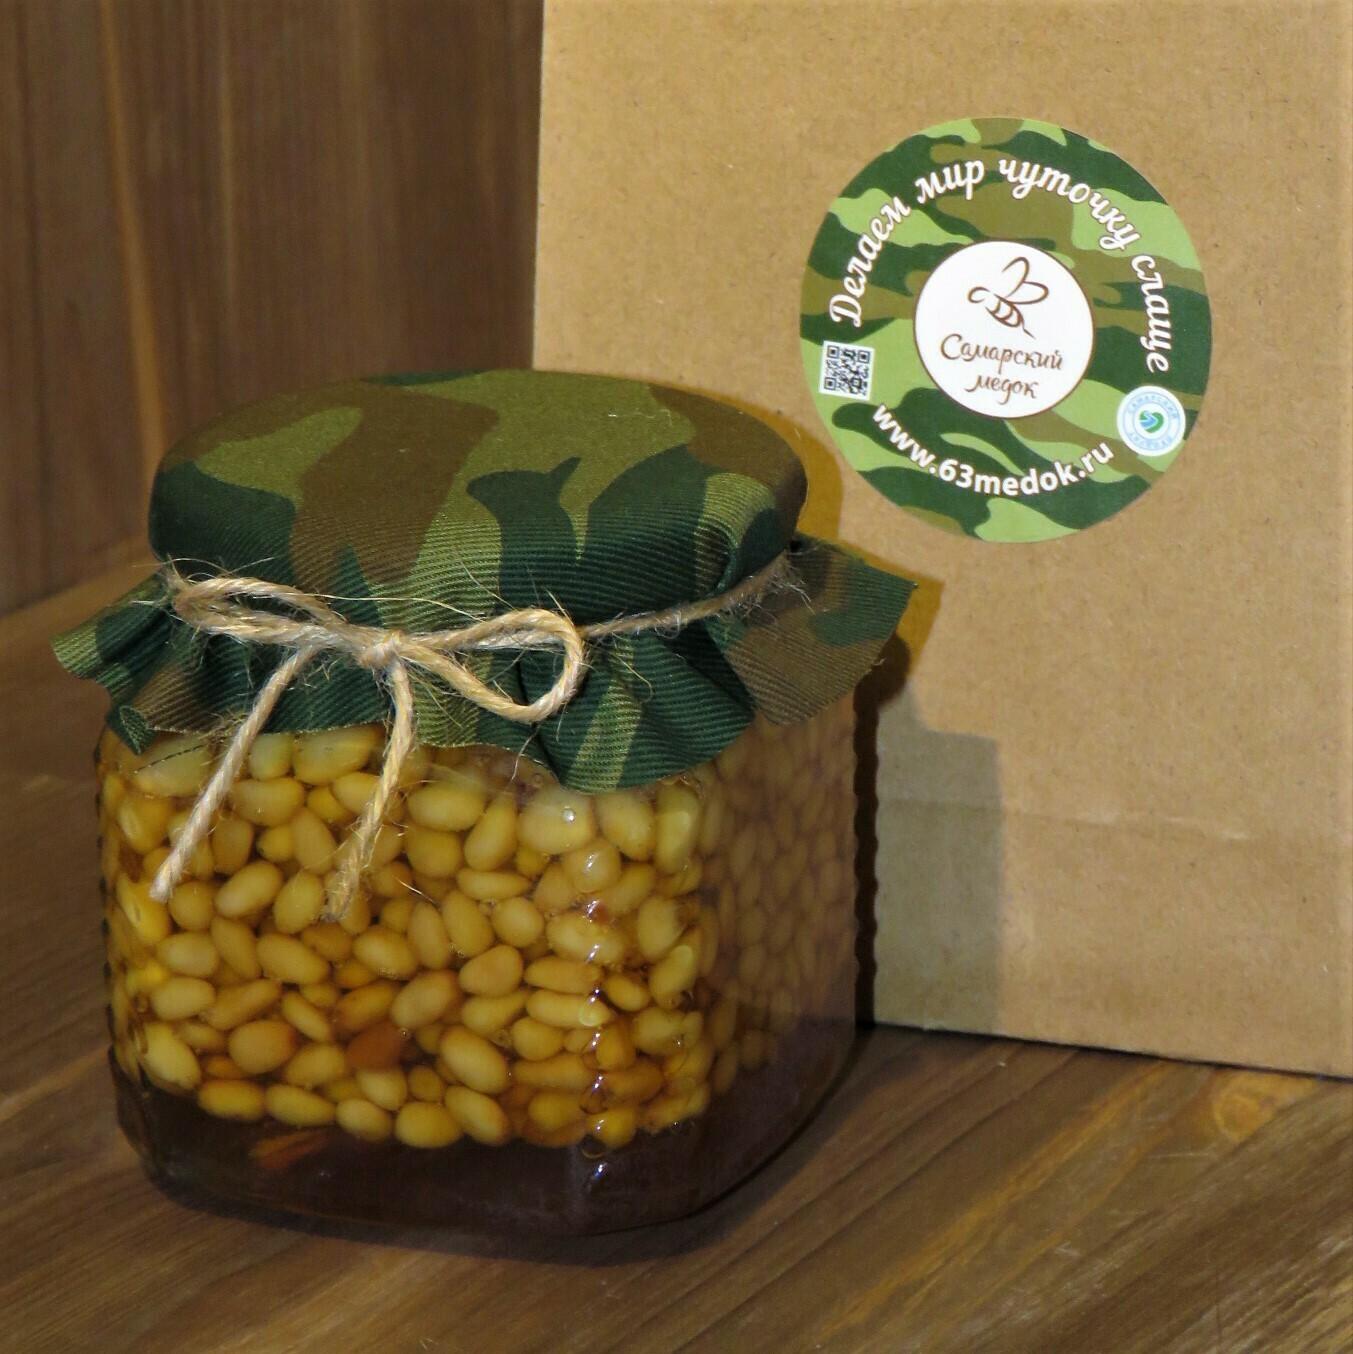 Кедровые орешки в меду, 250 мл.